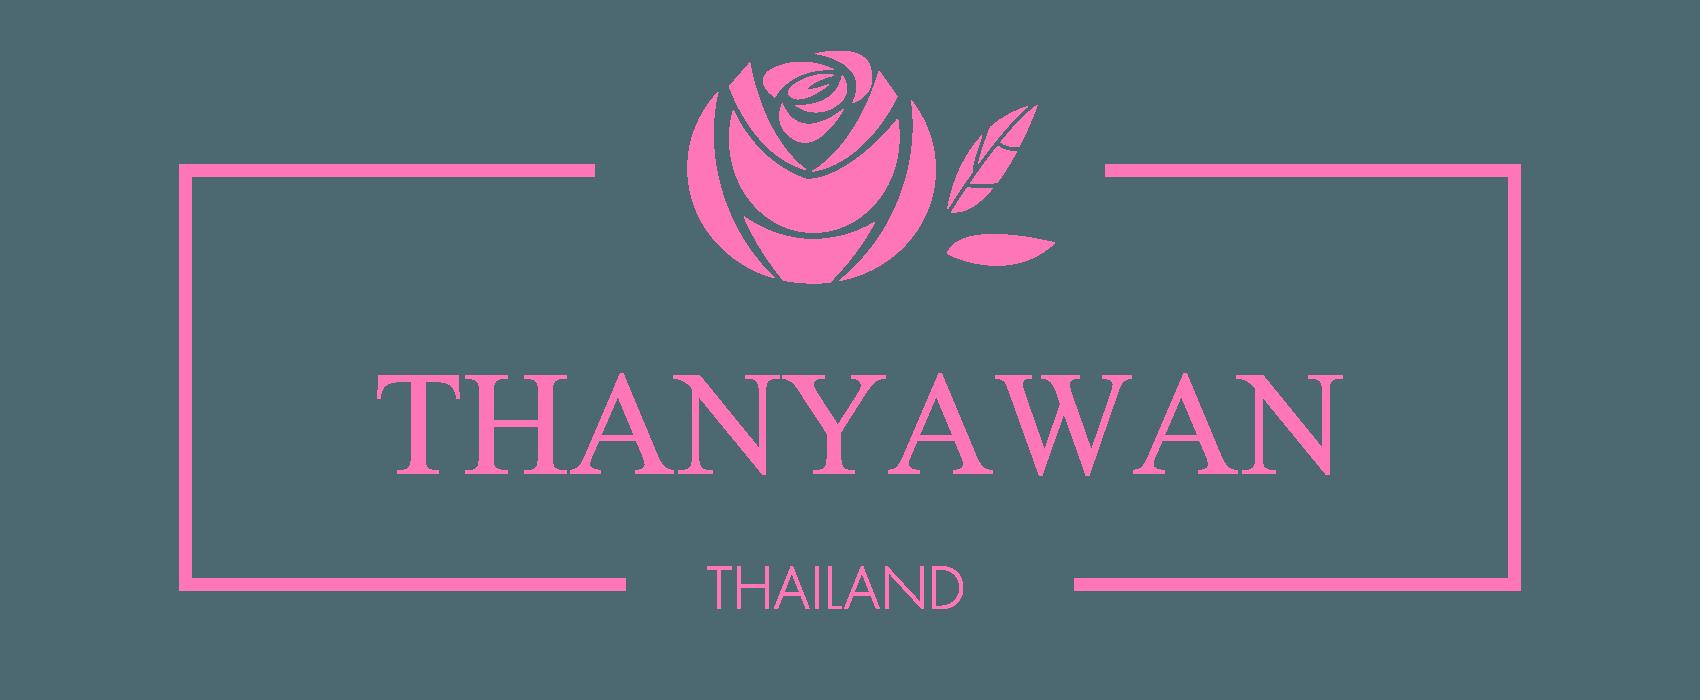 ThanyawanThailand